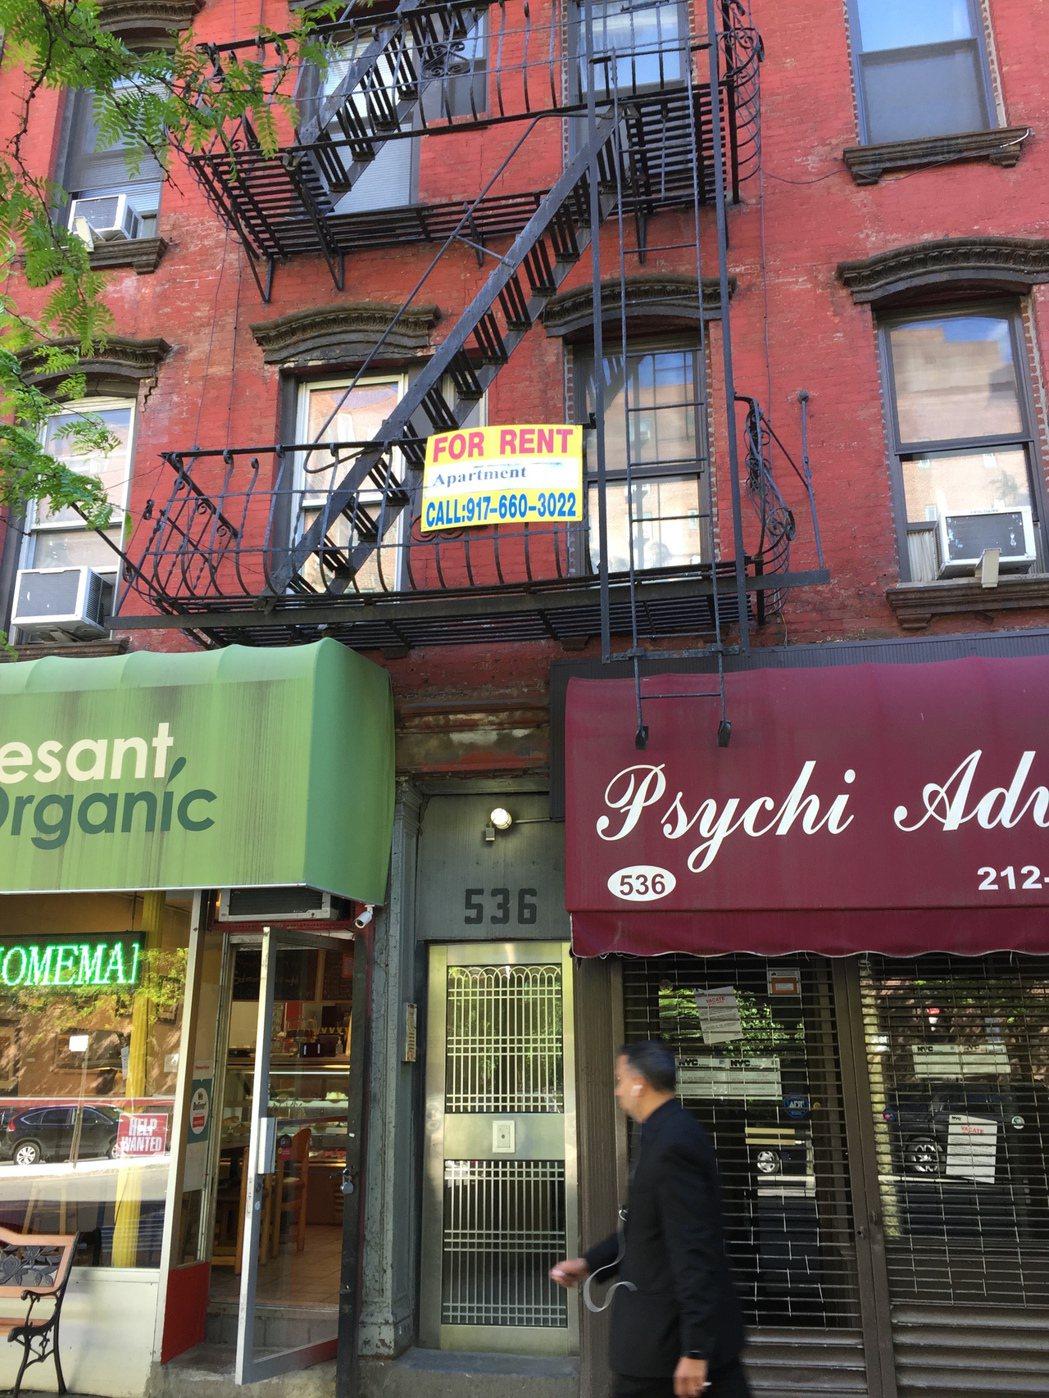 金蘿絲所有、用以違規短租的東14街536號住宅樓。(記者洪群超/攝影)